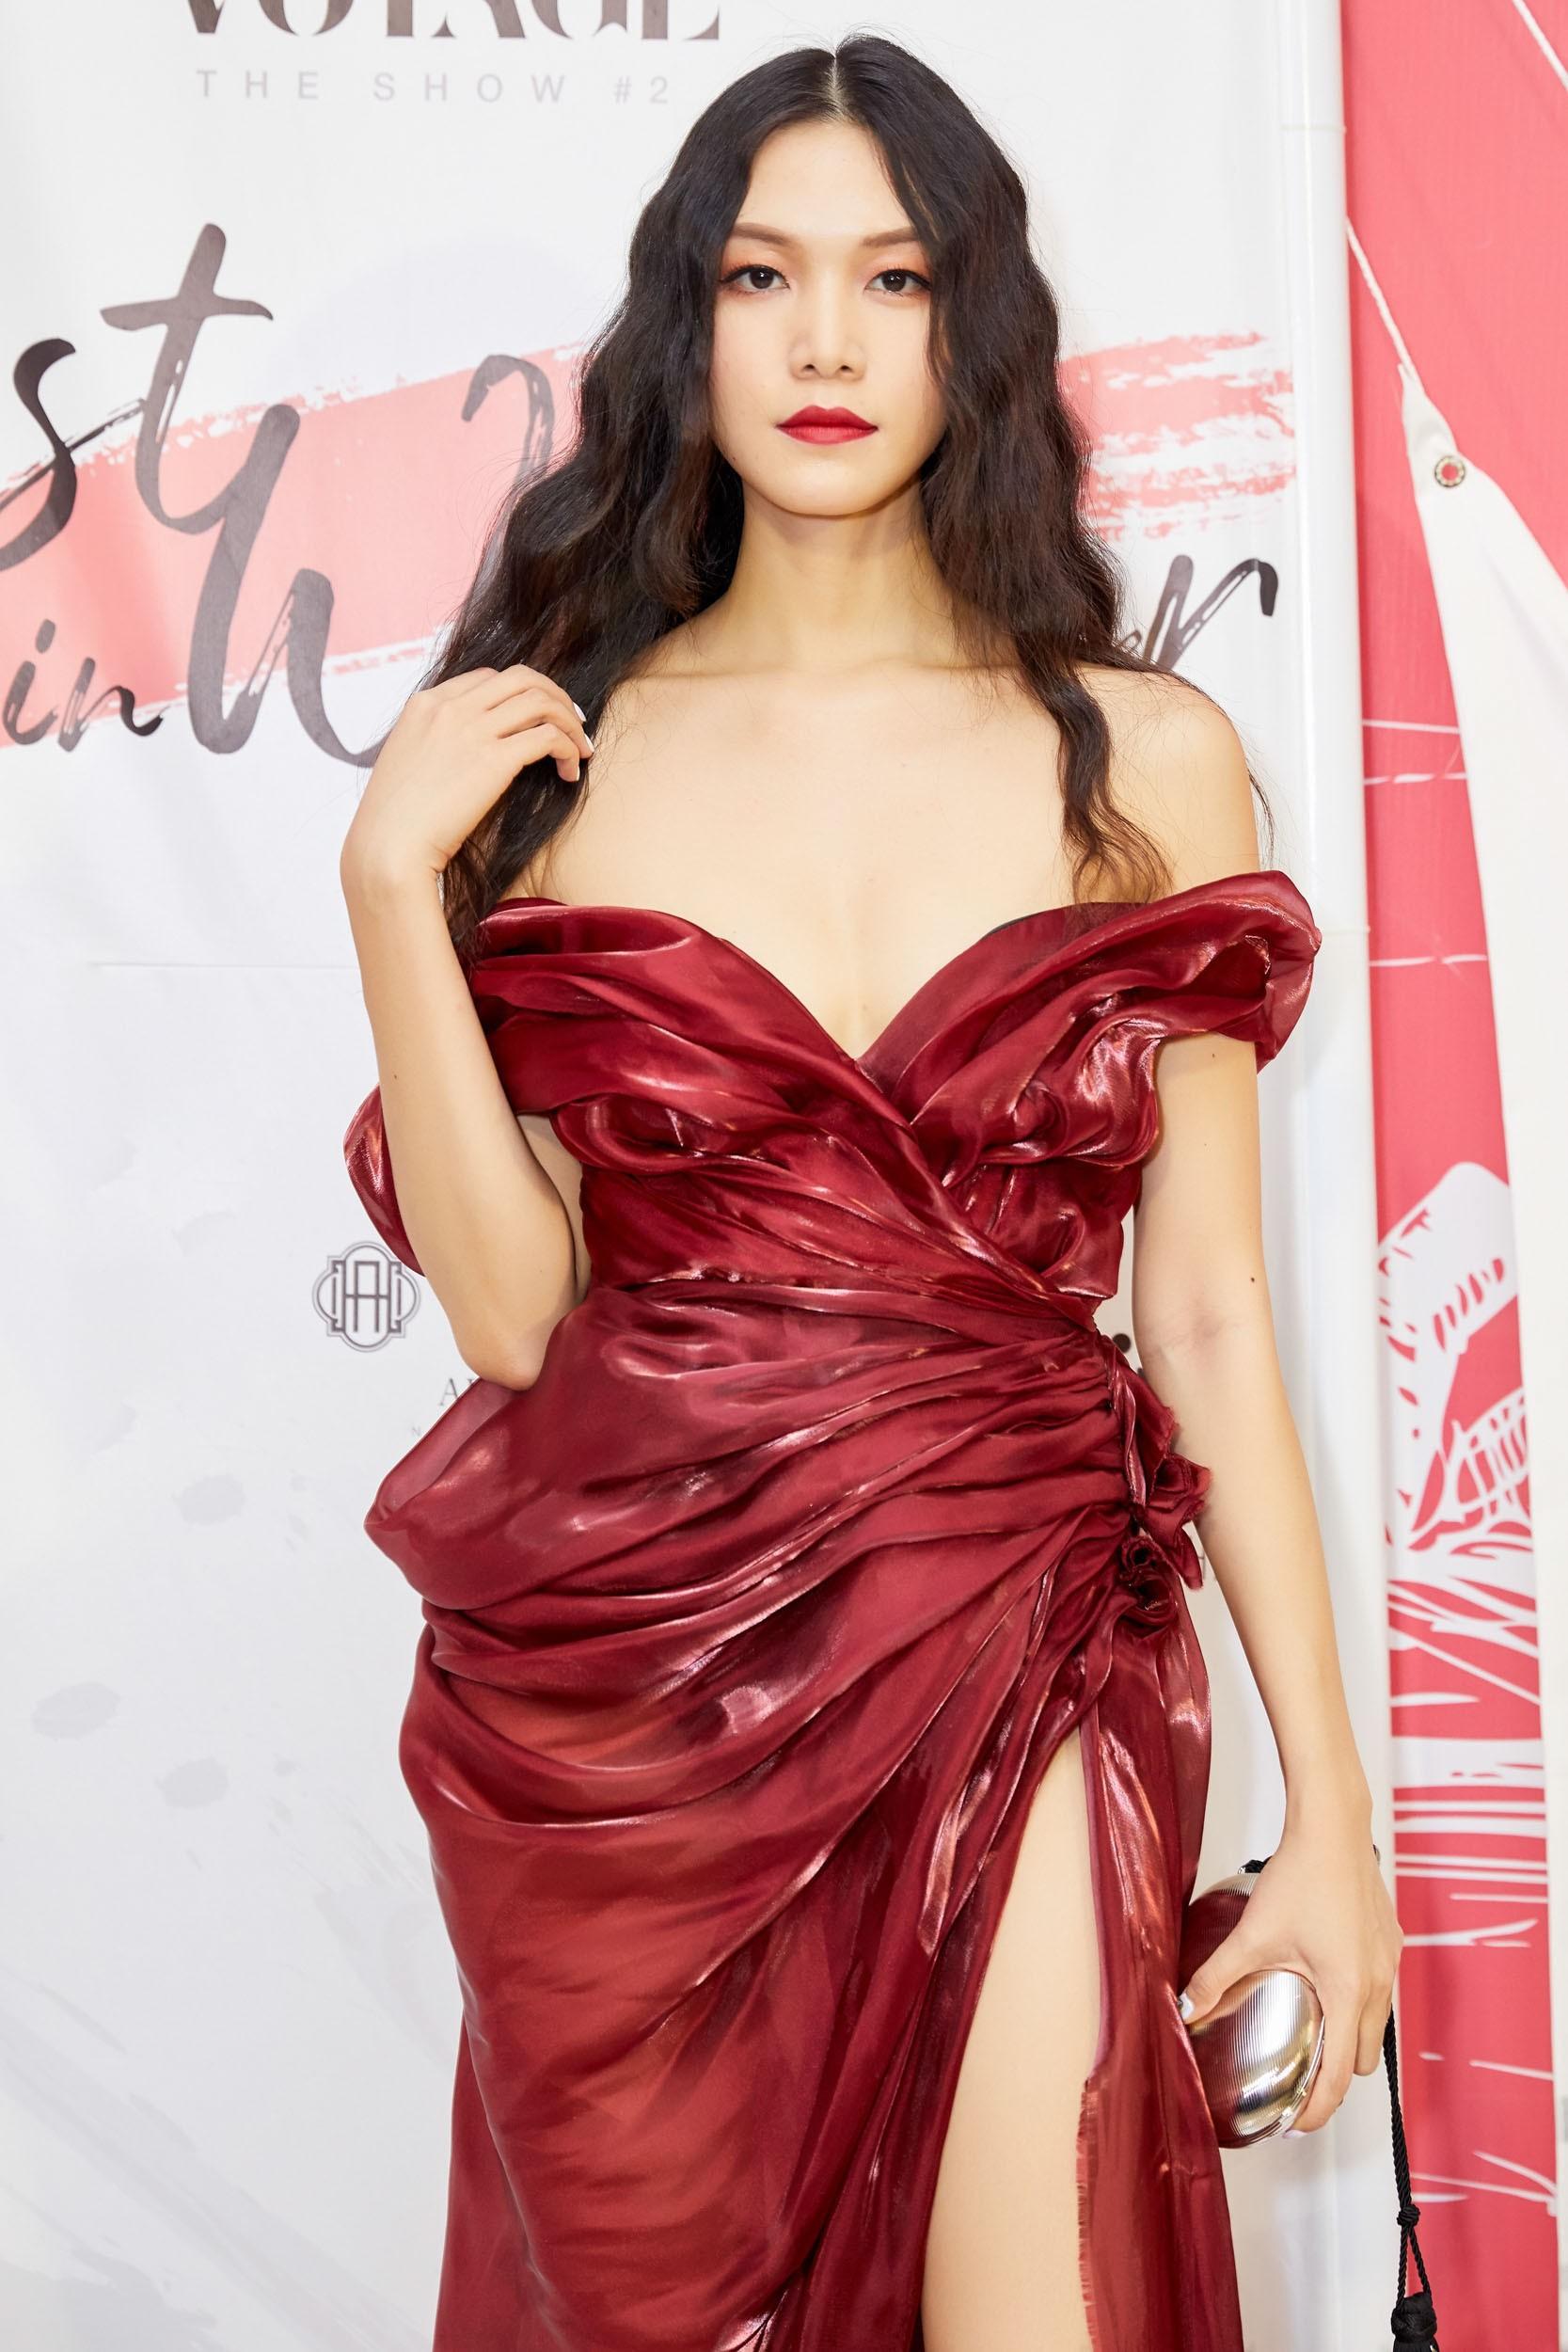 Hoa hậu Việt Nam 2008 Trần Thị Thùy Dung: Từ scandal Hoa hậu học dốt đến ồn ào bị vợ cũ đại gia dằn mặt và hạnh phúc giấu kín ở tuổi 30 - Ảnh 8.